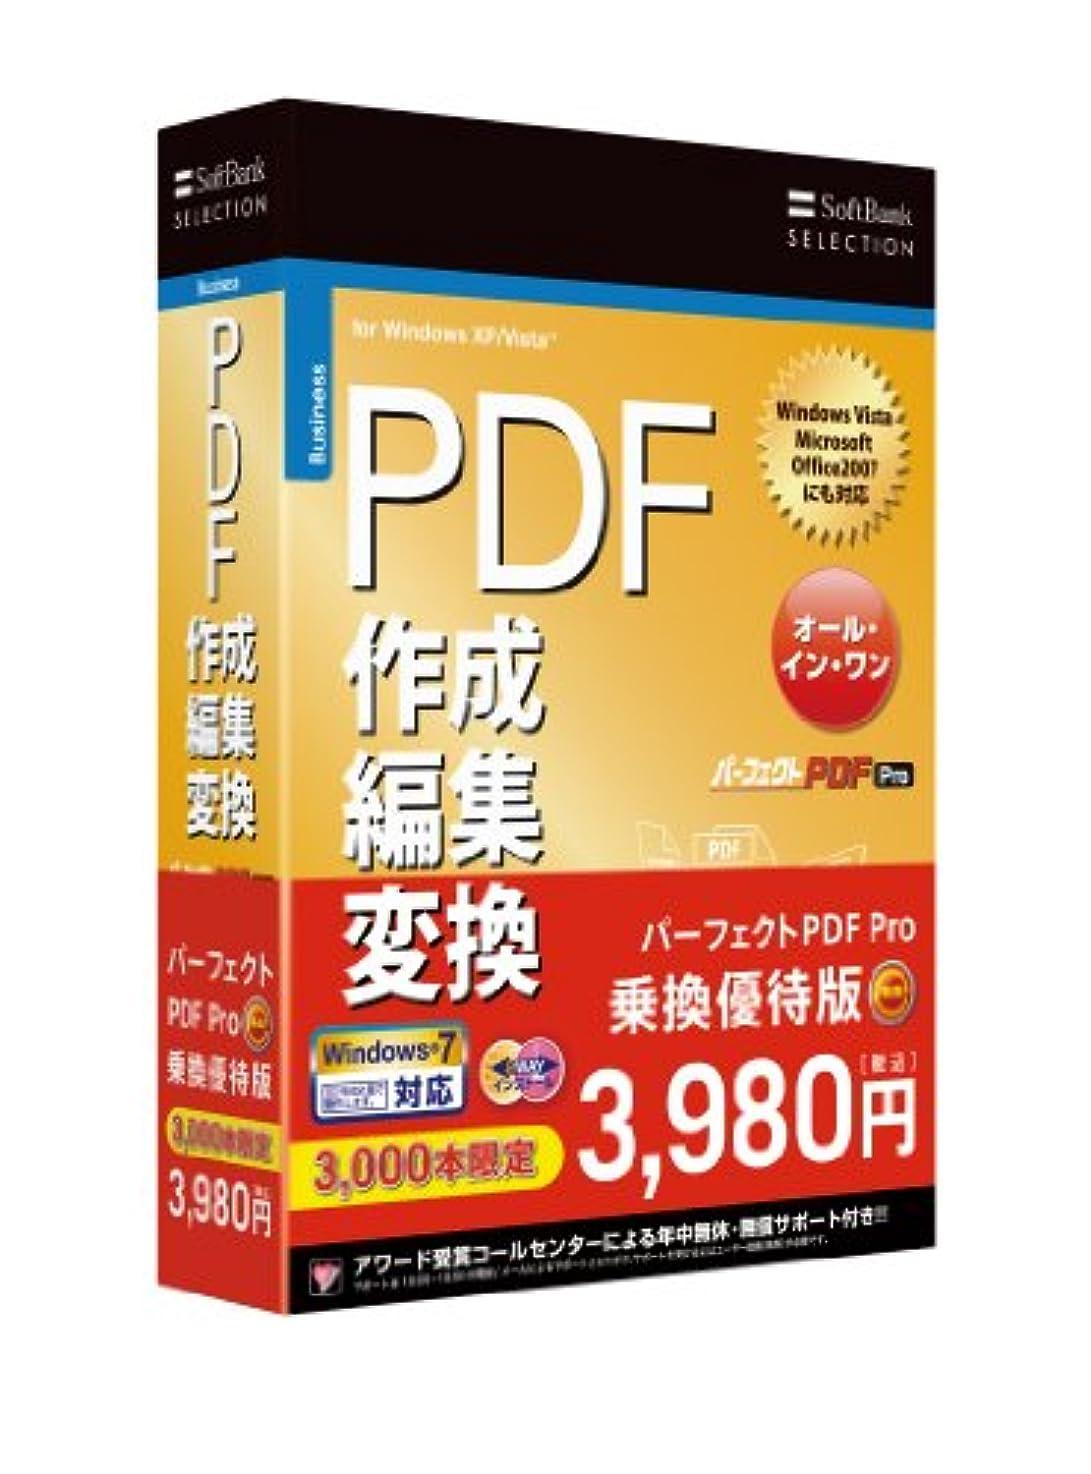 電報連結するイディオムSoftBank SELECTION パーフェクトPDF Pro 乗換優待版